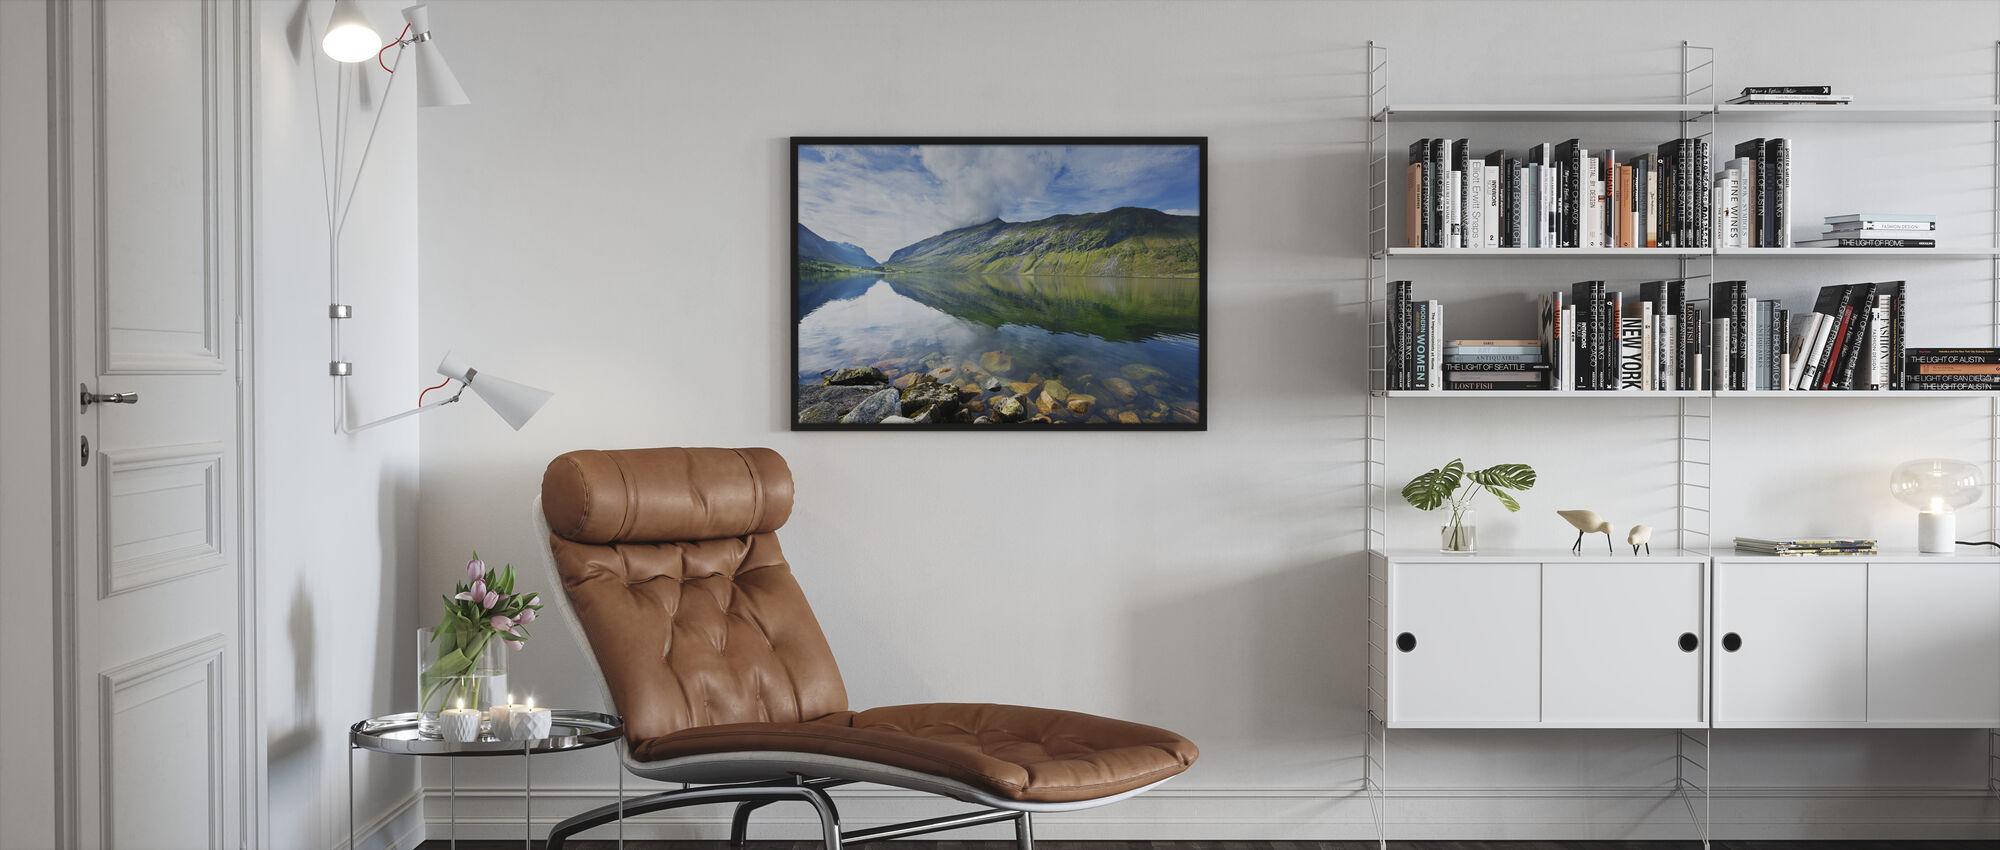 Eidsdal Lake in Geiranger, Norway II - Framed print - Living Room